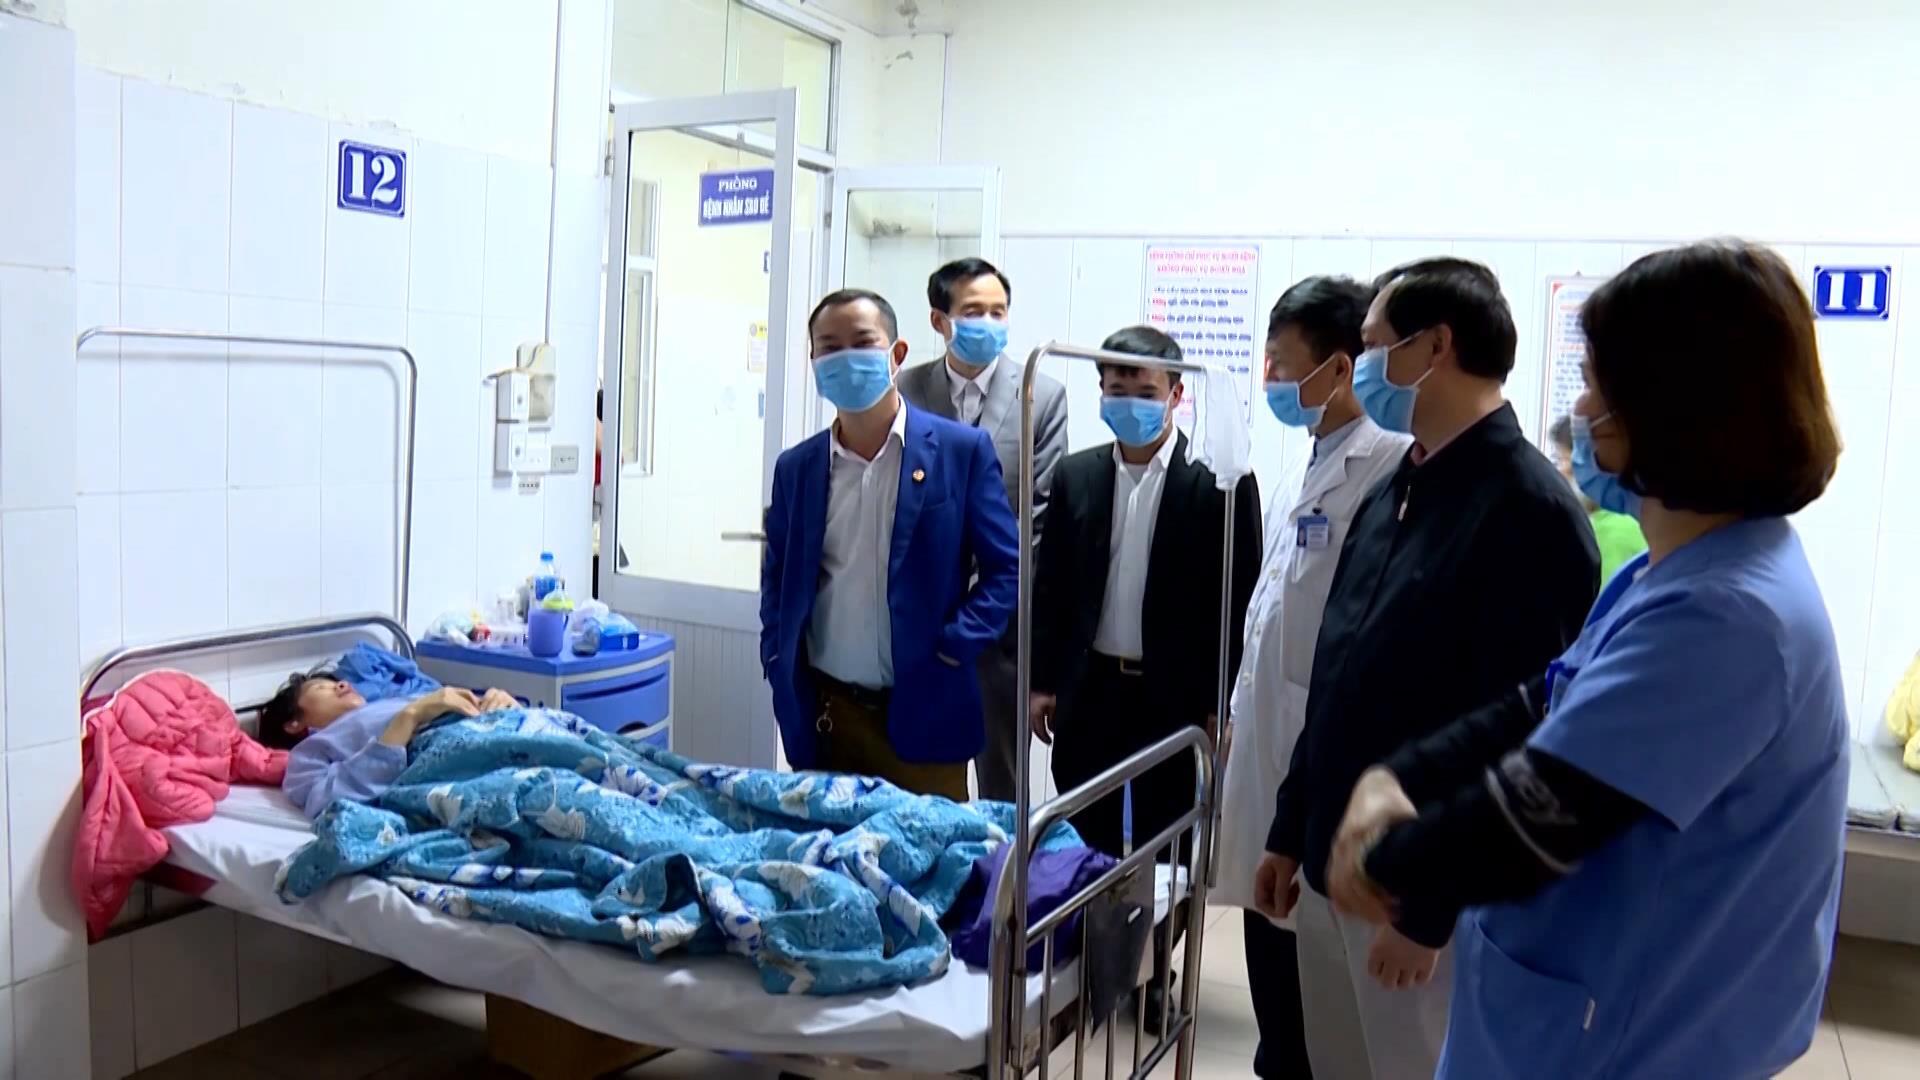 Trung tâm Y tế Quế Võ sẵn sàng tiếp nhận và điều trị bệnh nhân mắc Covid-19